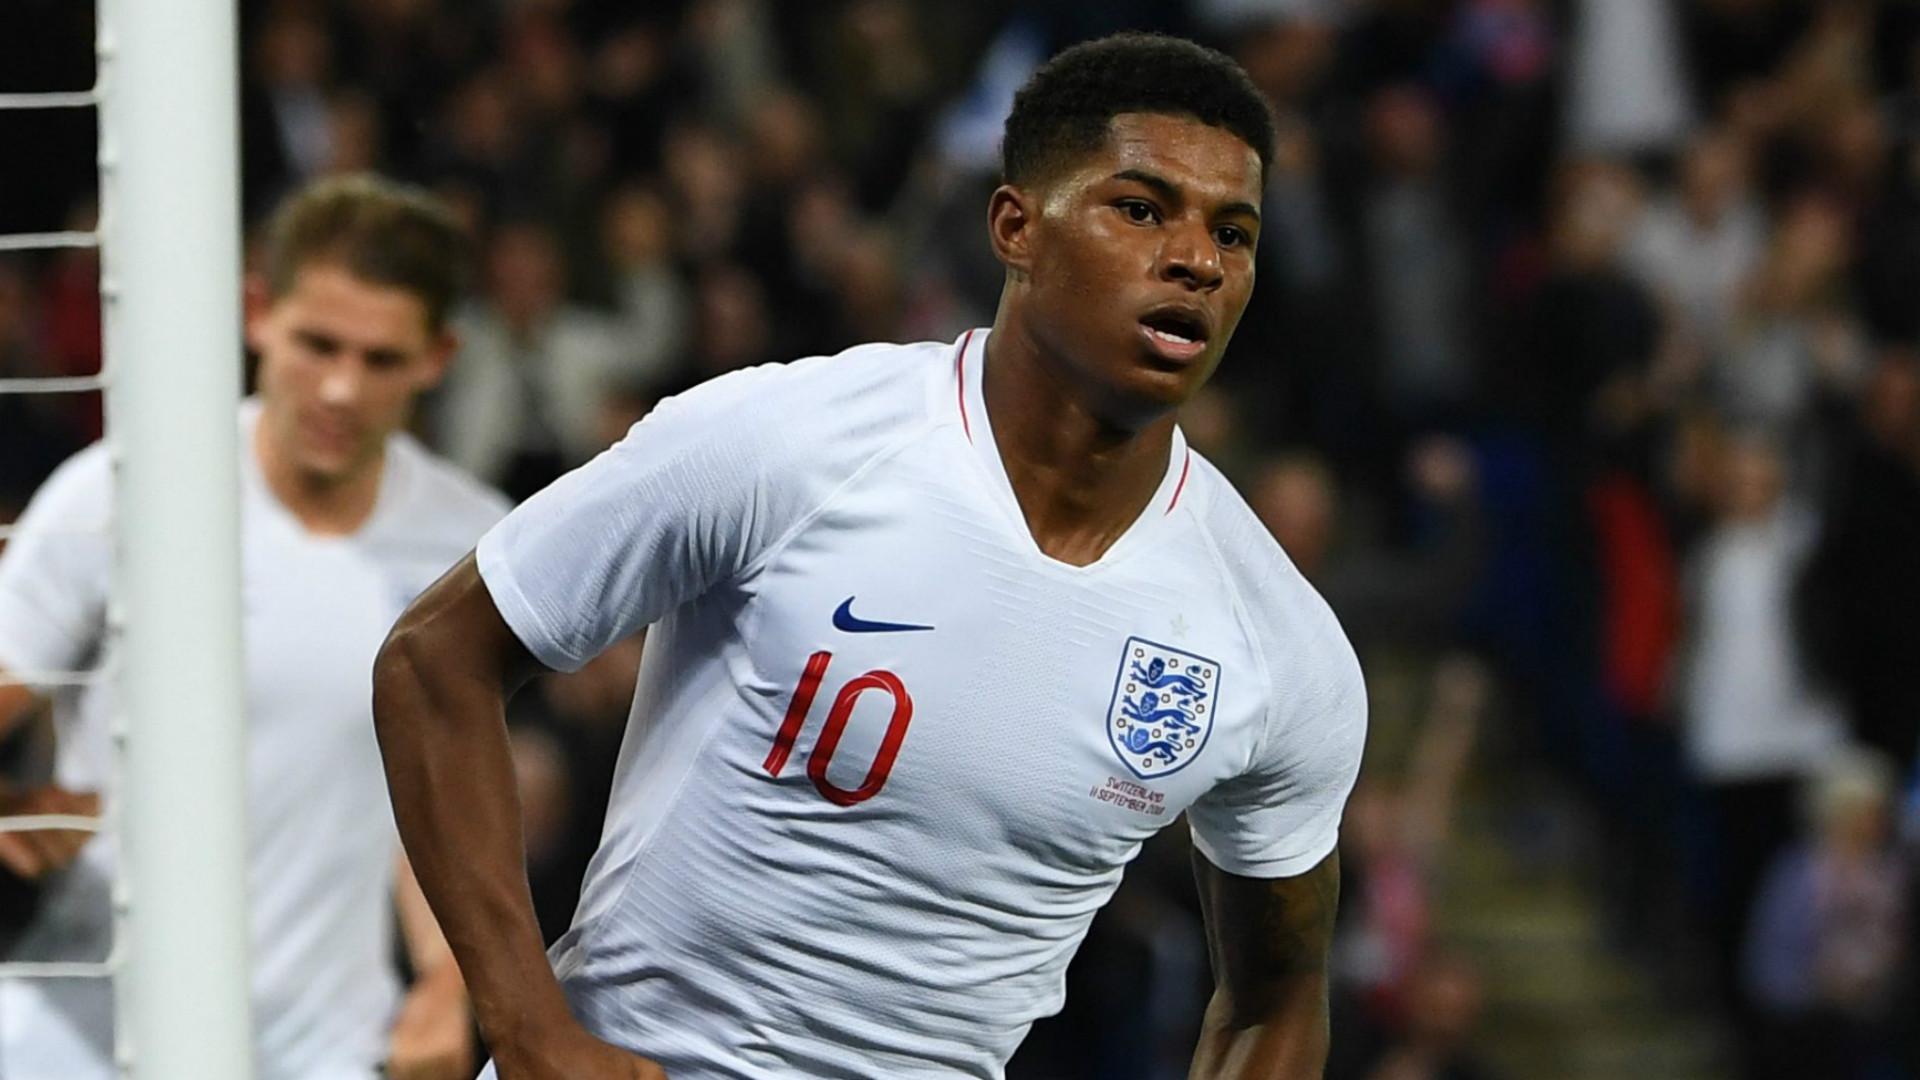 Marcus Rashford England 2018-19